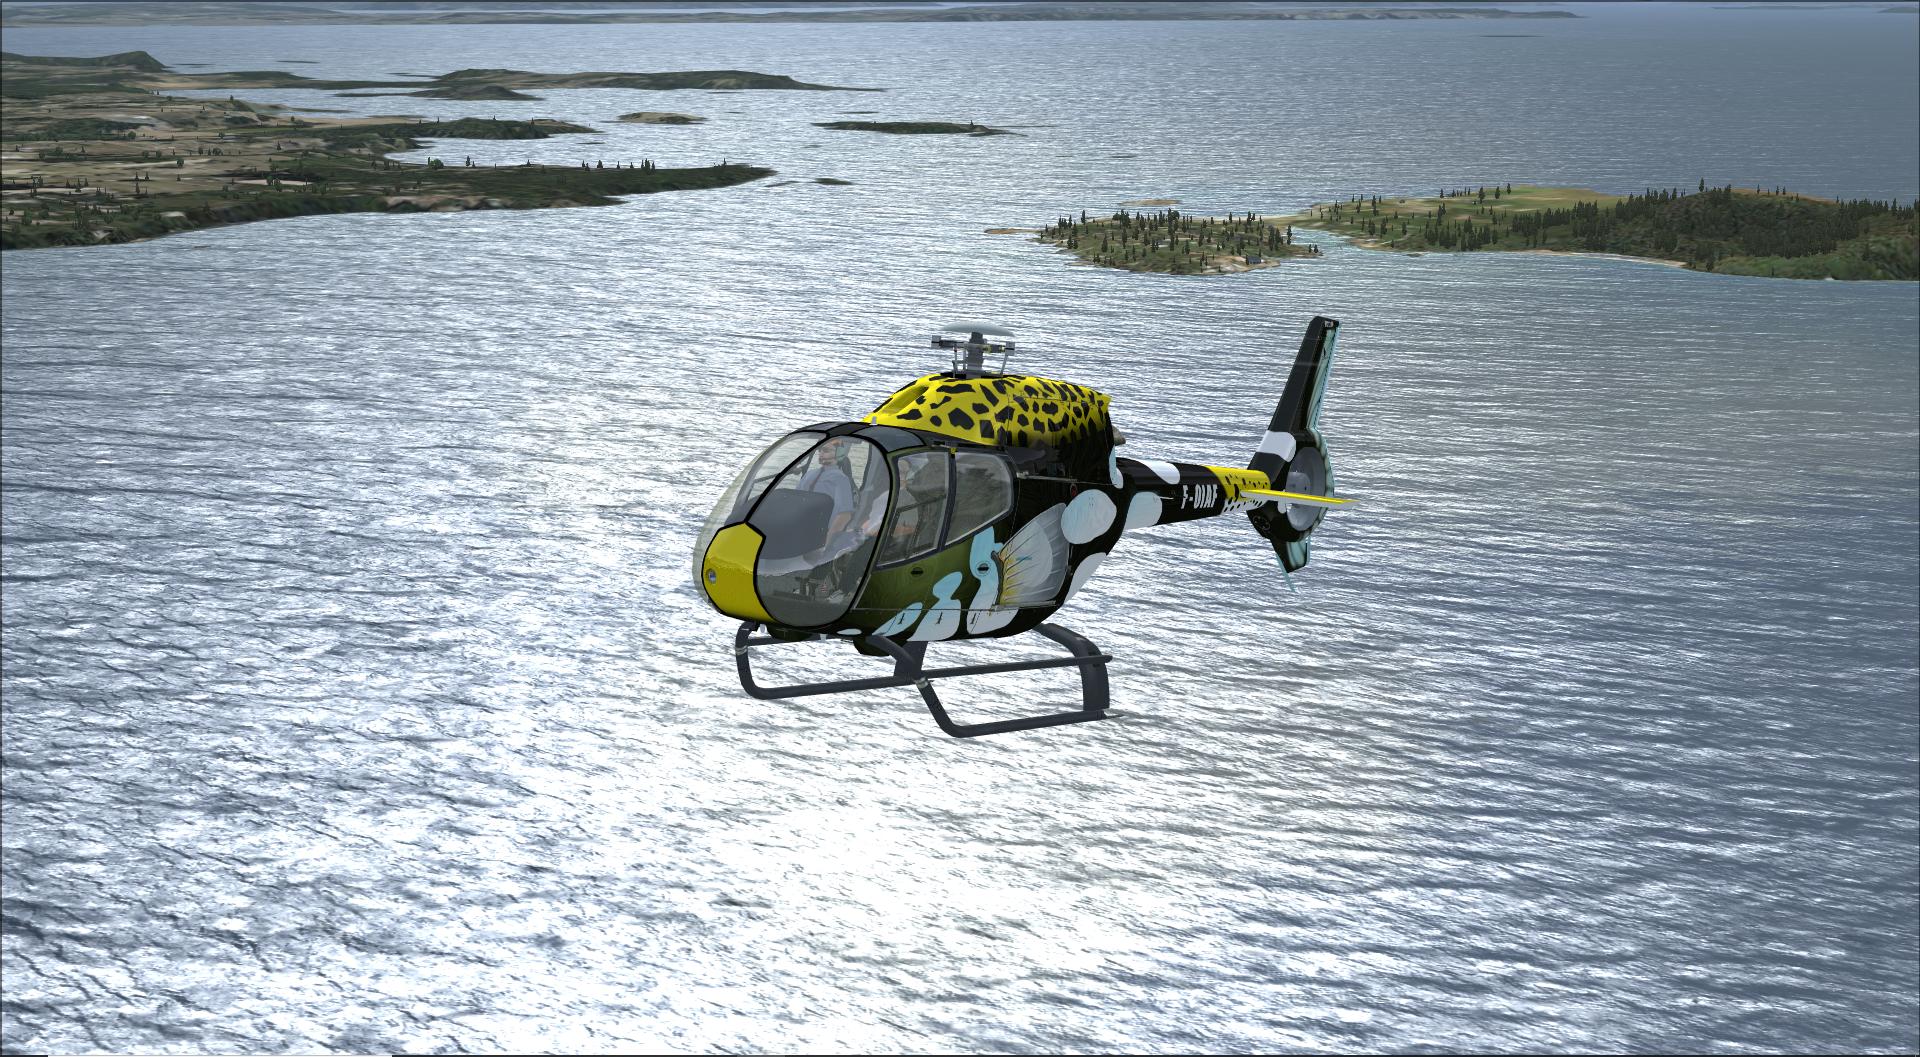 Curso de helicópteros [INTRODUCCIÓN]